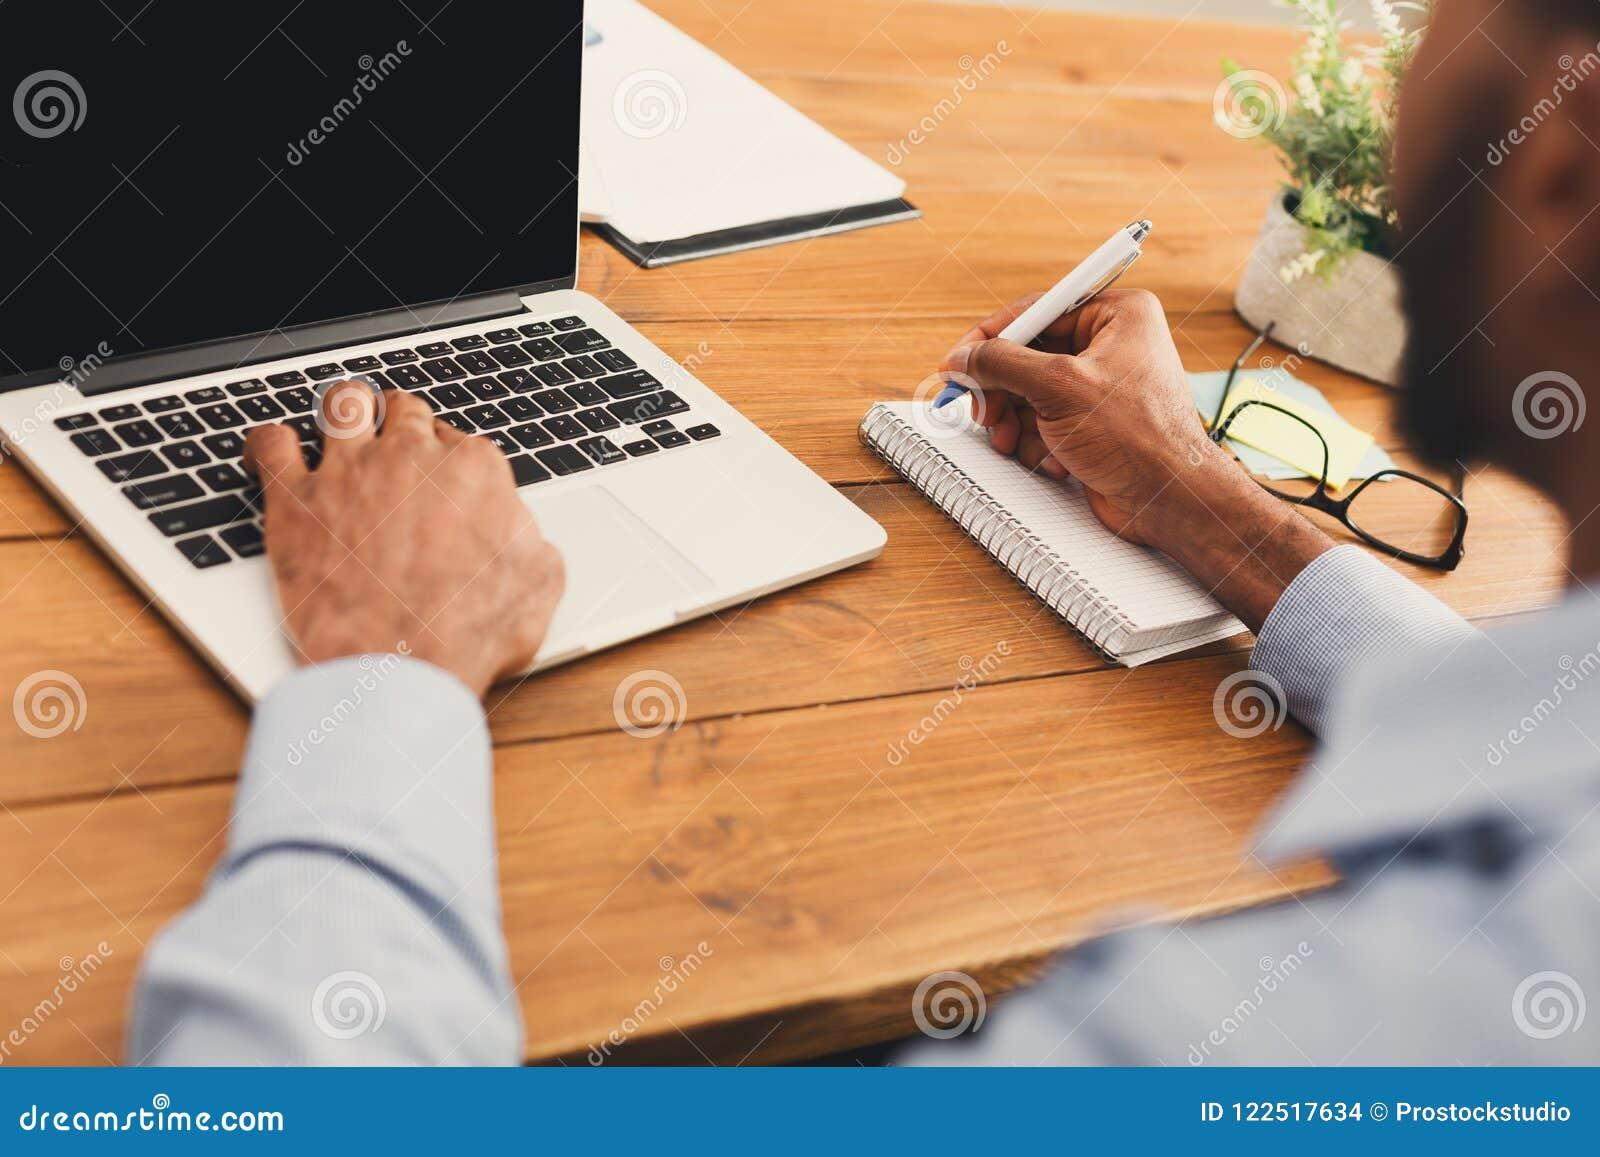 HetAmerikaanse zakenman typen op laptop